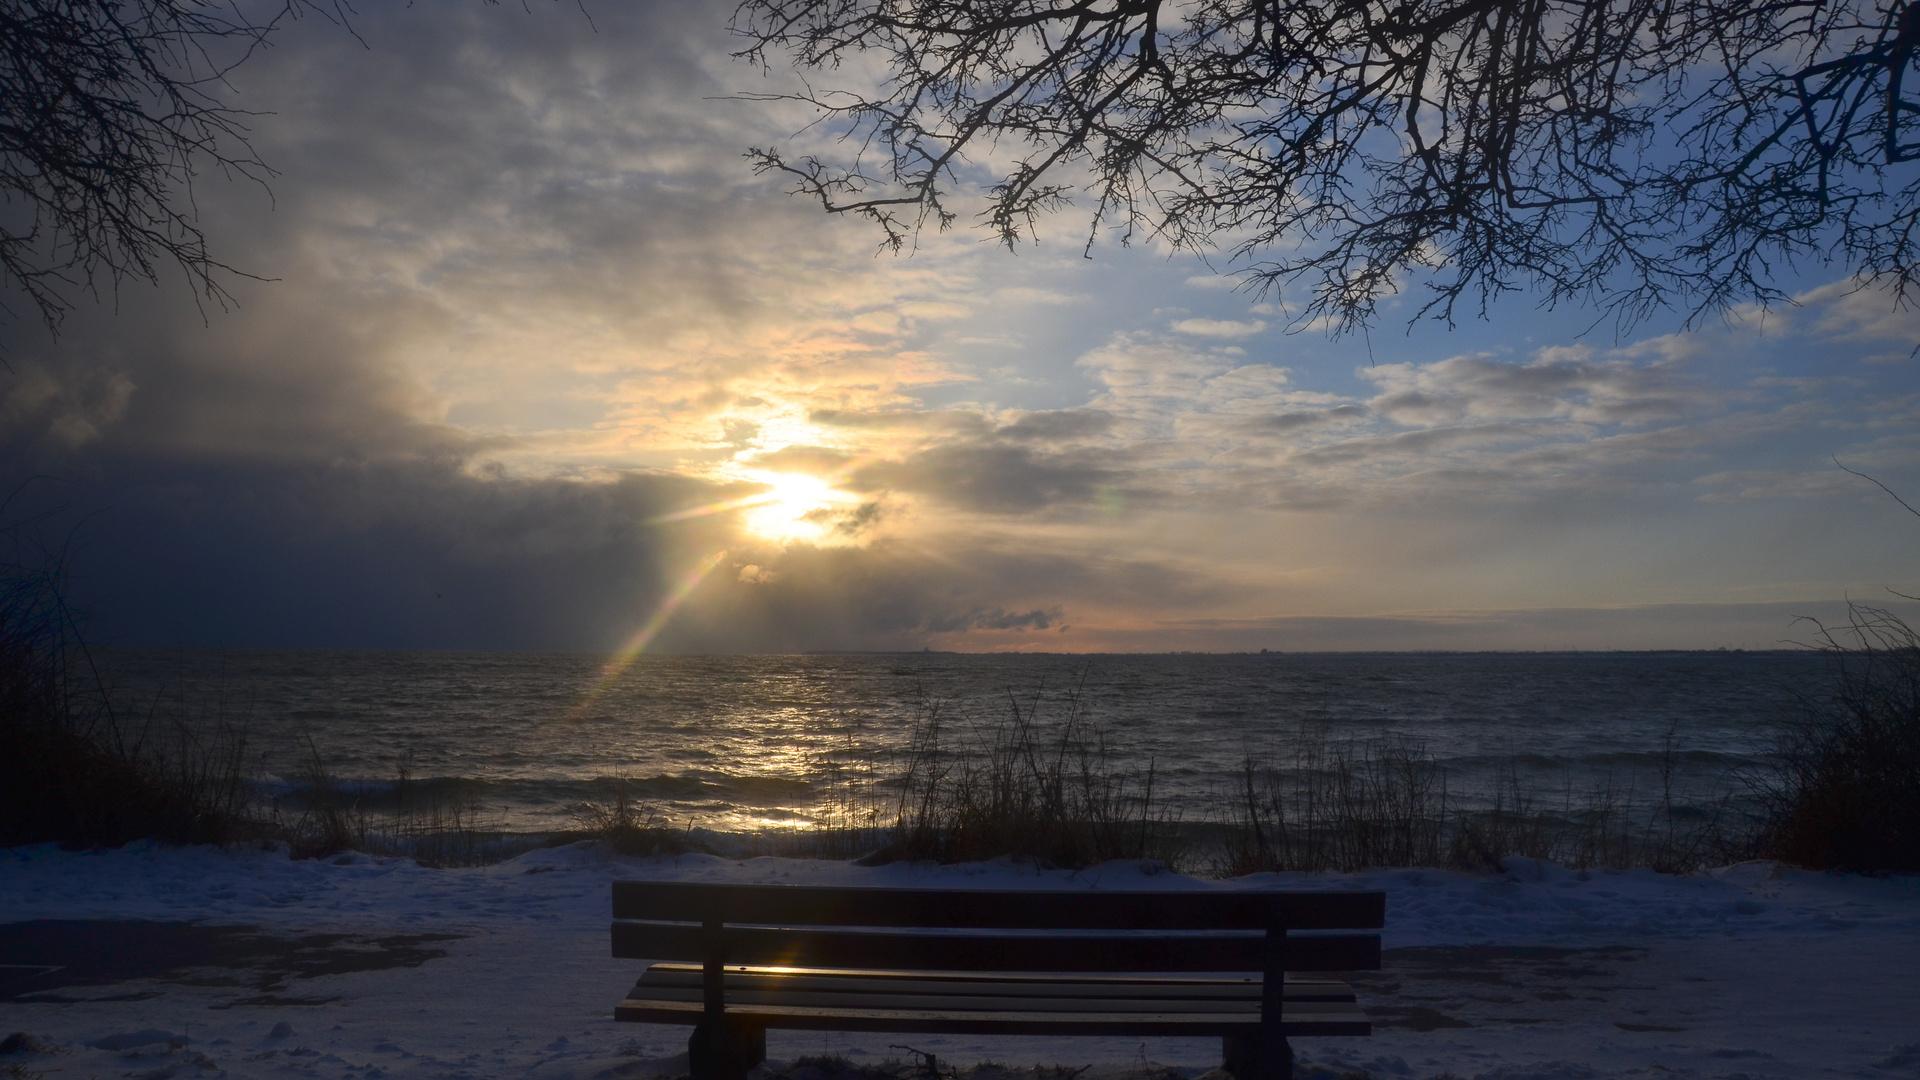 Frühjahrsmorgen an der Ostsee